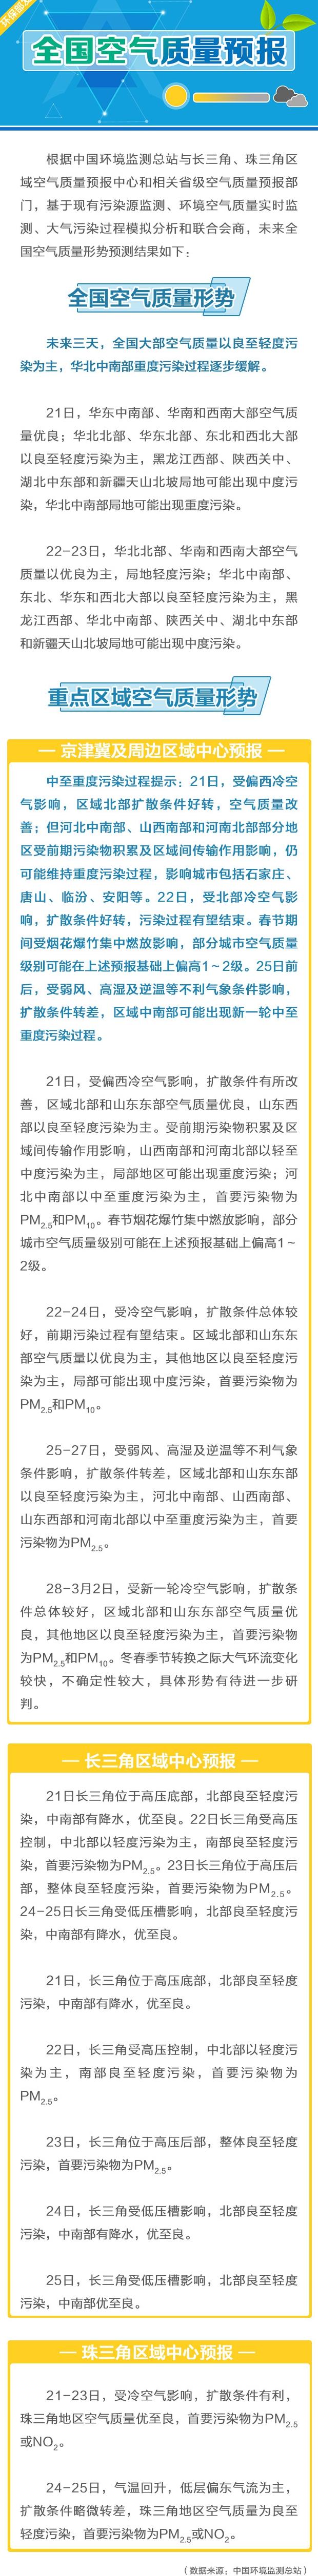 环保部:未来3天华北中南部重度污染过程逐步缓解